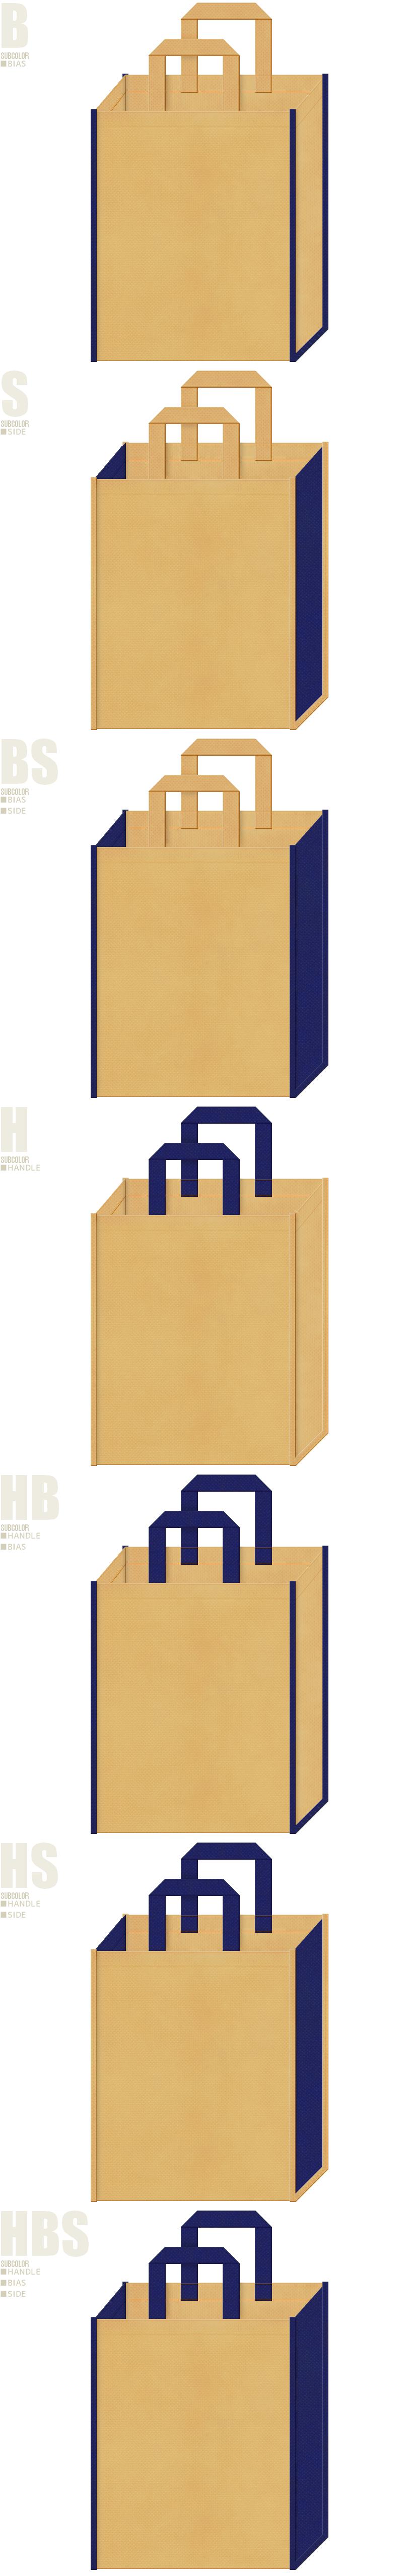 デニム・カジュアルファッション・学校・学習塾・レッスンバッグにお奨めの不織布バッグデザイン:薄黄土色と明るめの紺色の配色7パターン